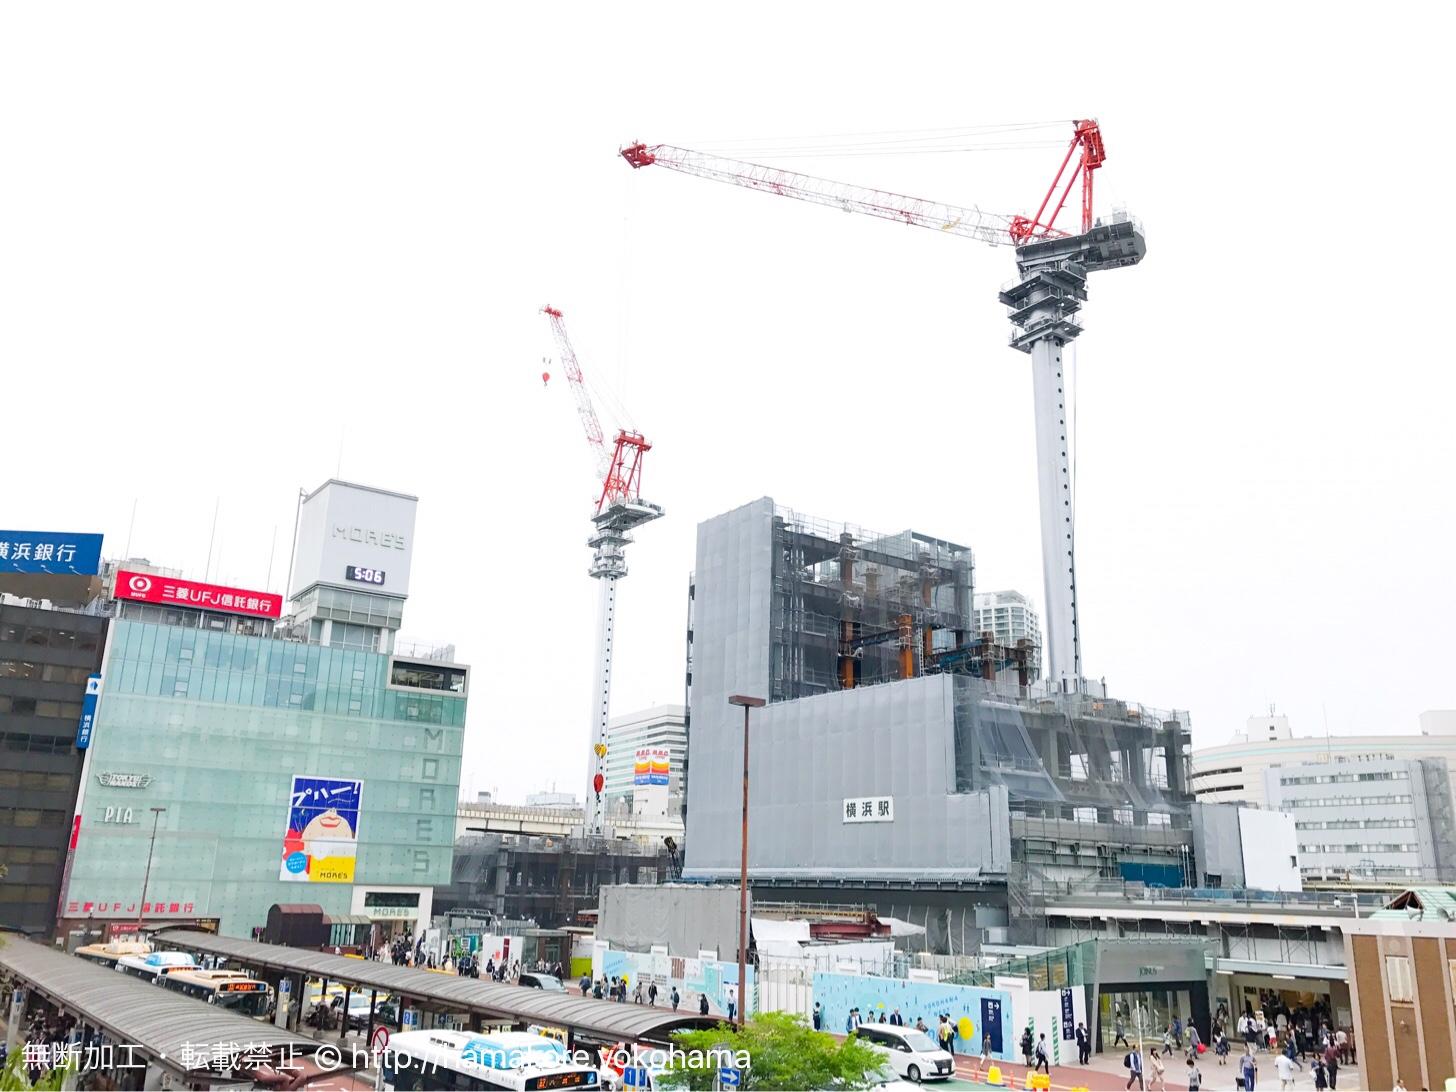 横浜駅西口 駅ビル工事 2017年5月の様子